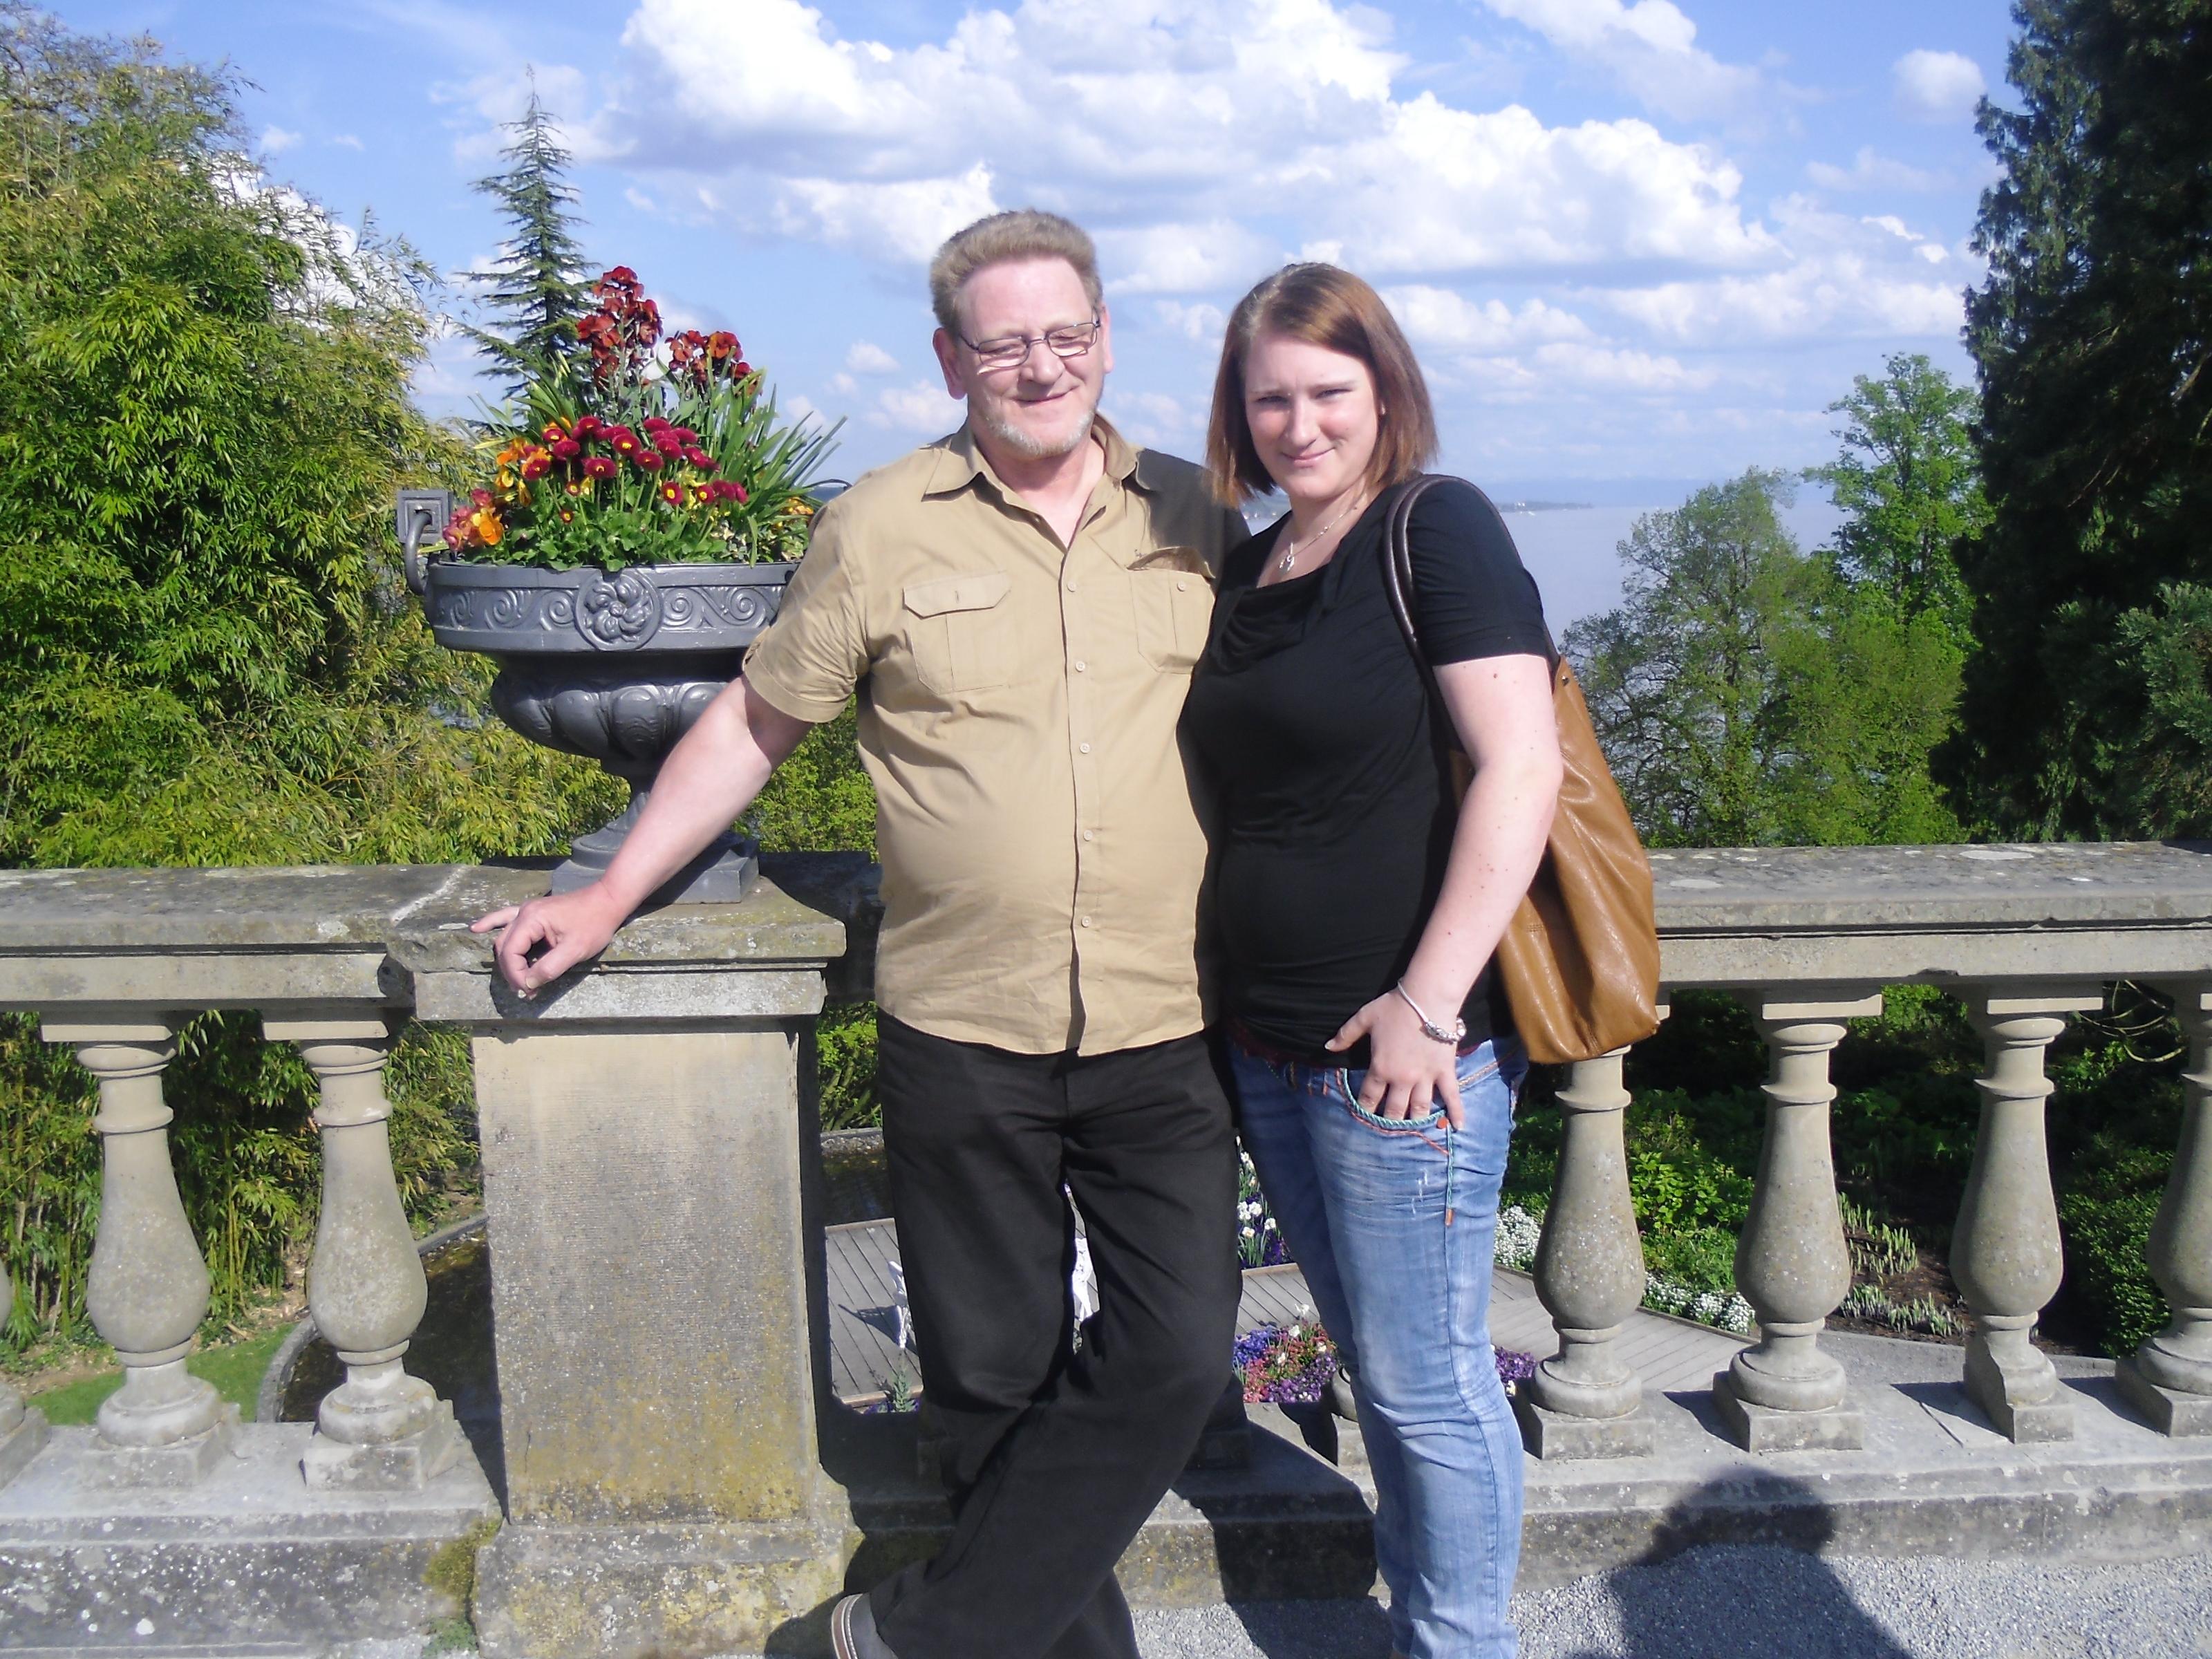 Katholische partnervermittlung für senioren Seriöse Partnervermittlung Wien – e-doublev.ru